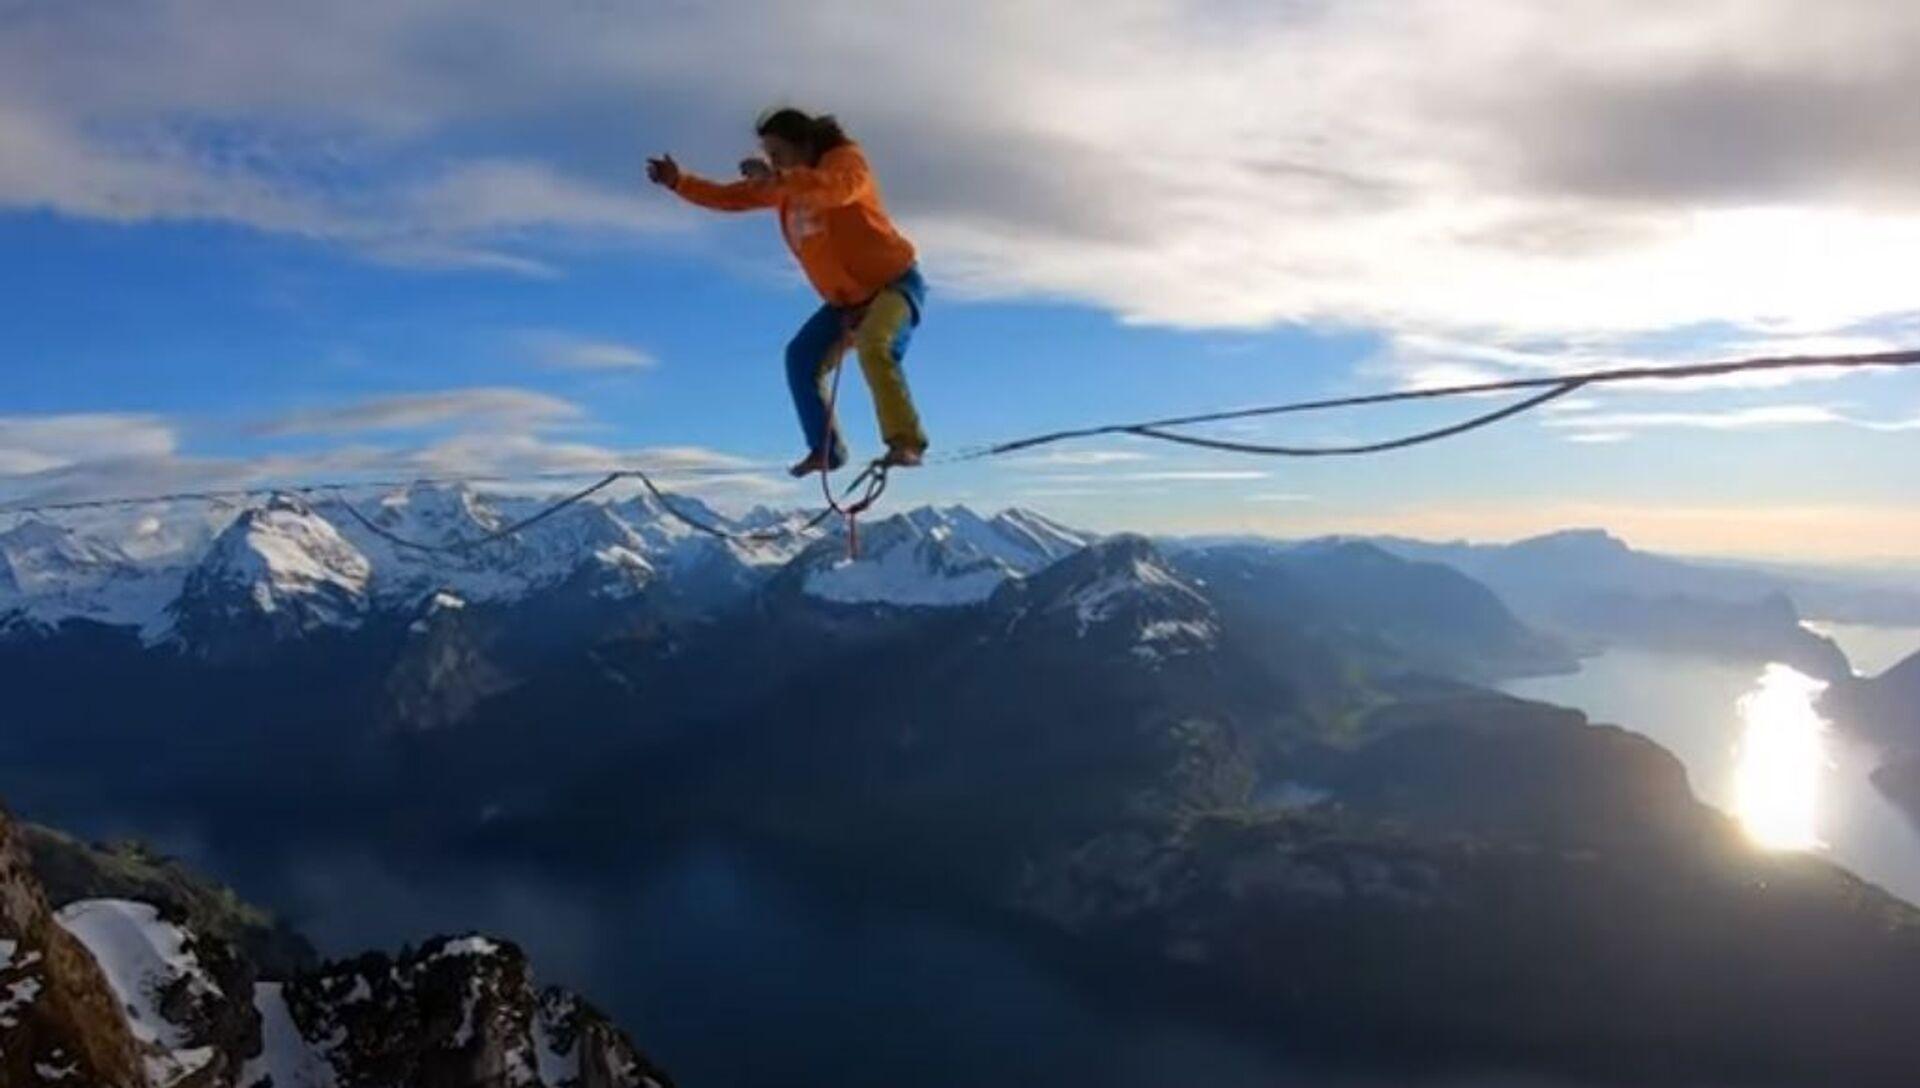 絶景、それとも絶叫? 上空1500メートルでスラックライン - Sputnik 日本, 1920, 26.05.2021